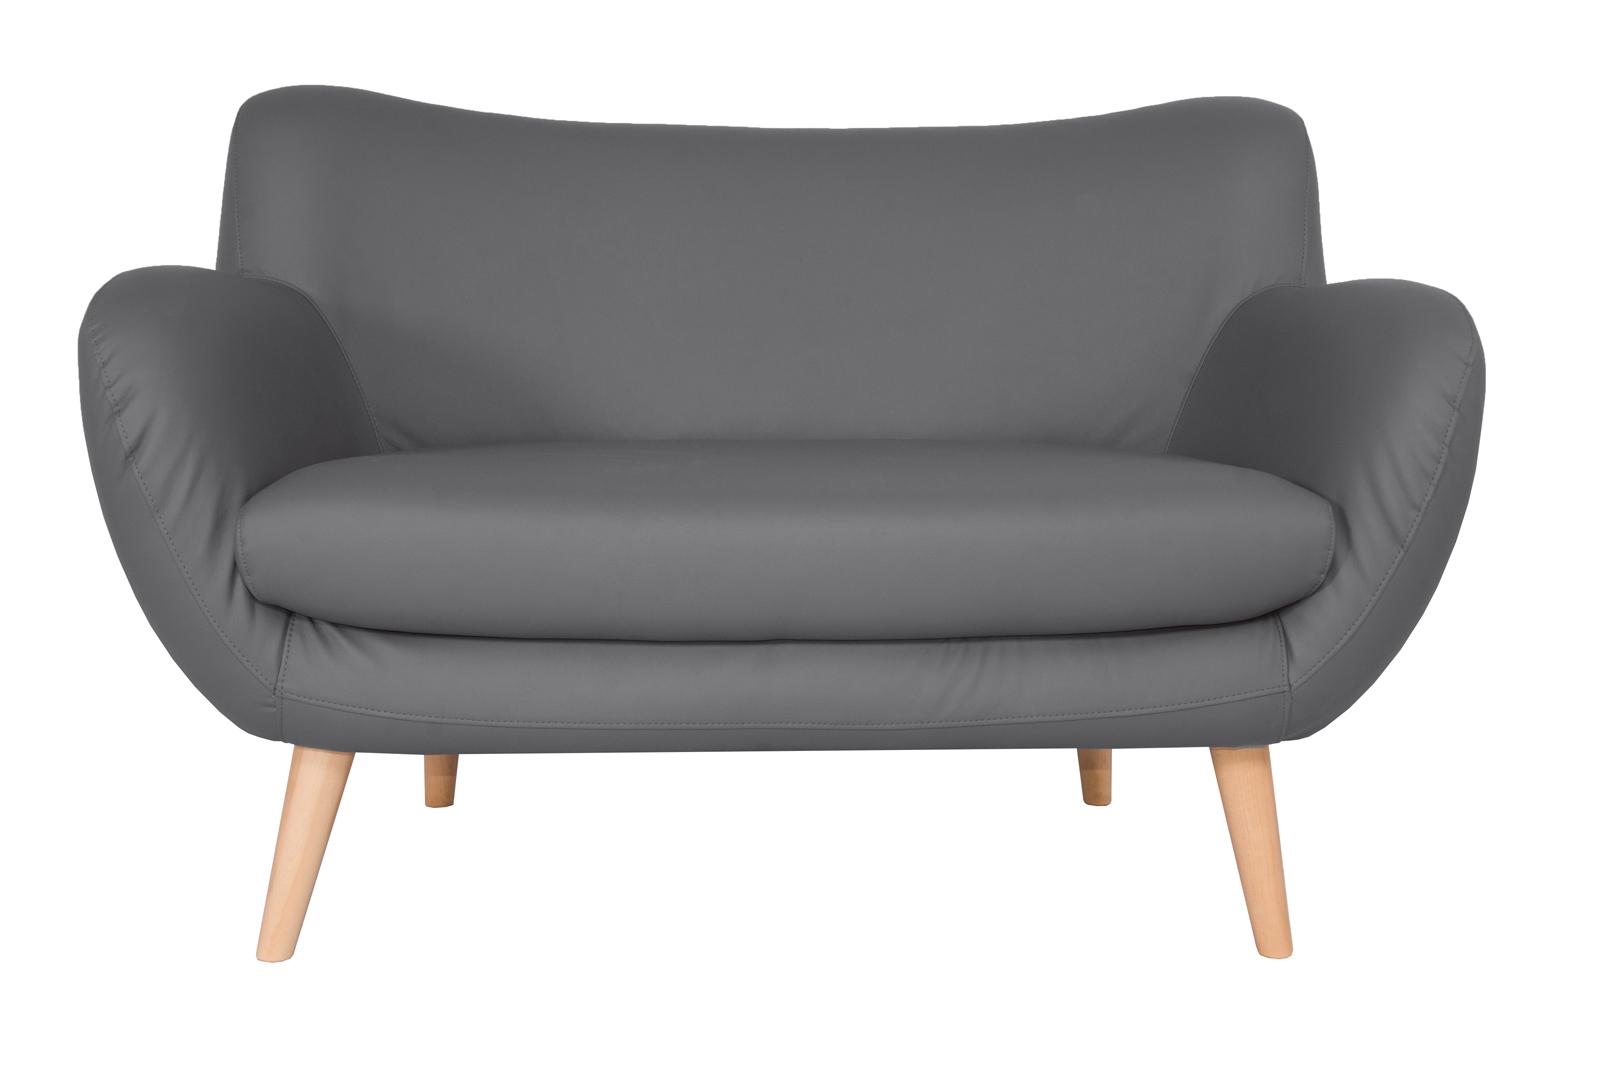 Canapé fixe design 2 places en PU gris Axelle